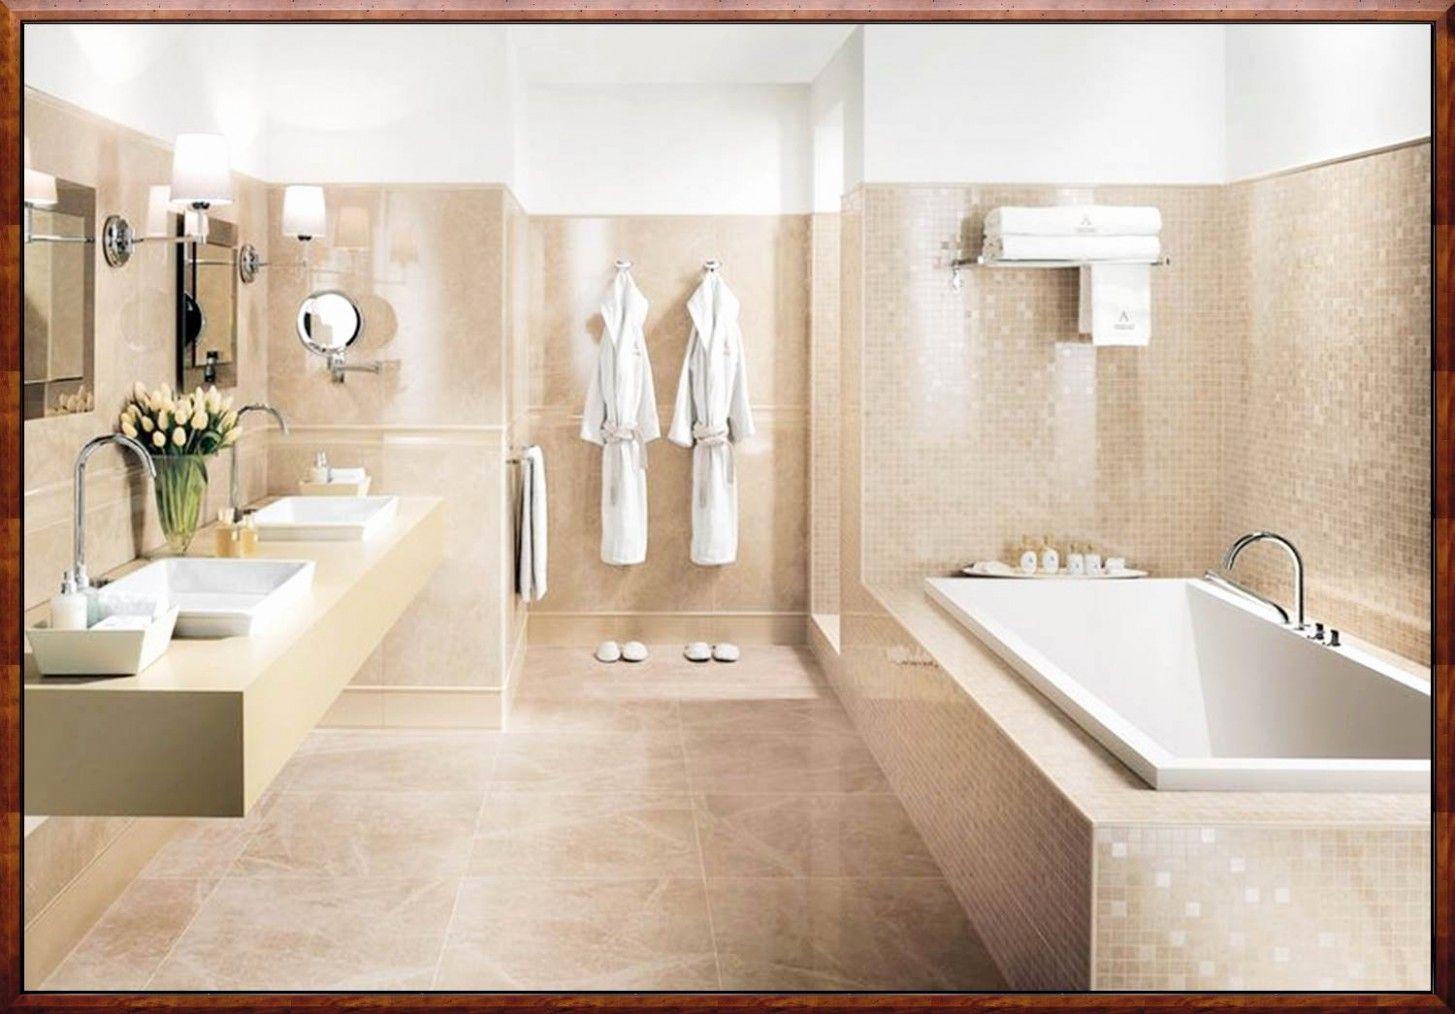 Badezimmer Fliesen Platten In 2020 Badezimmer Fliesen Badezimmer Badezimmer Fliesen Beige